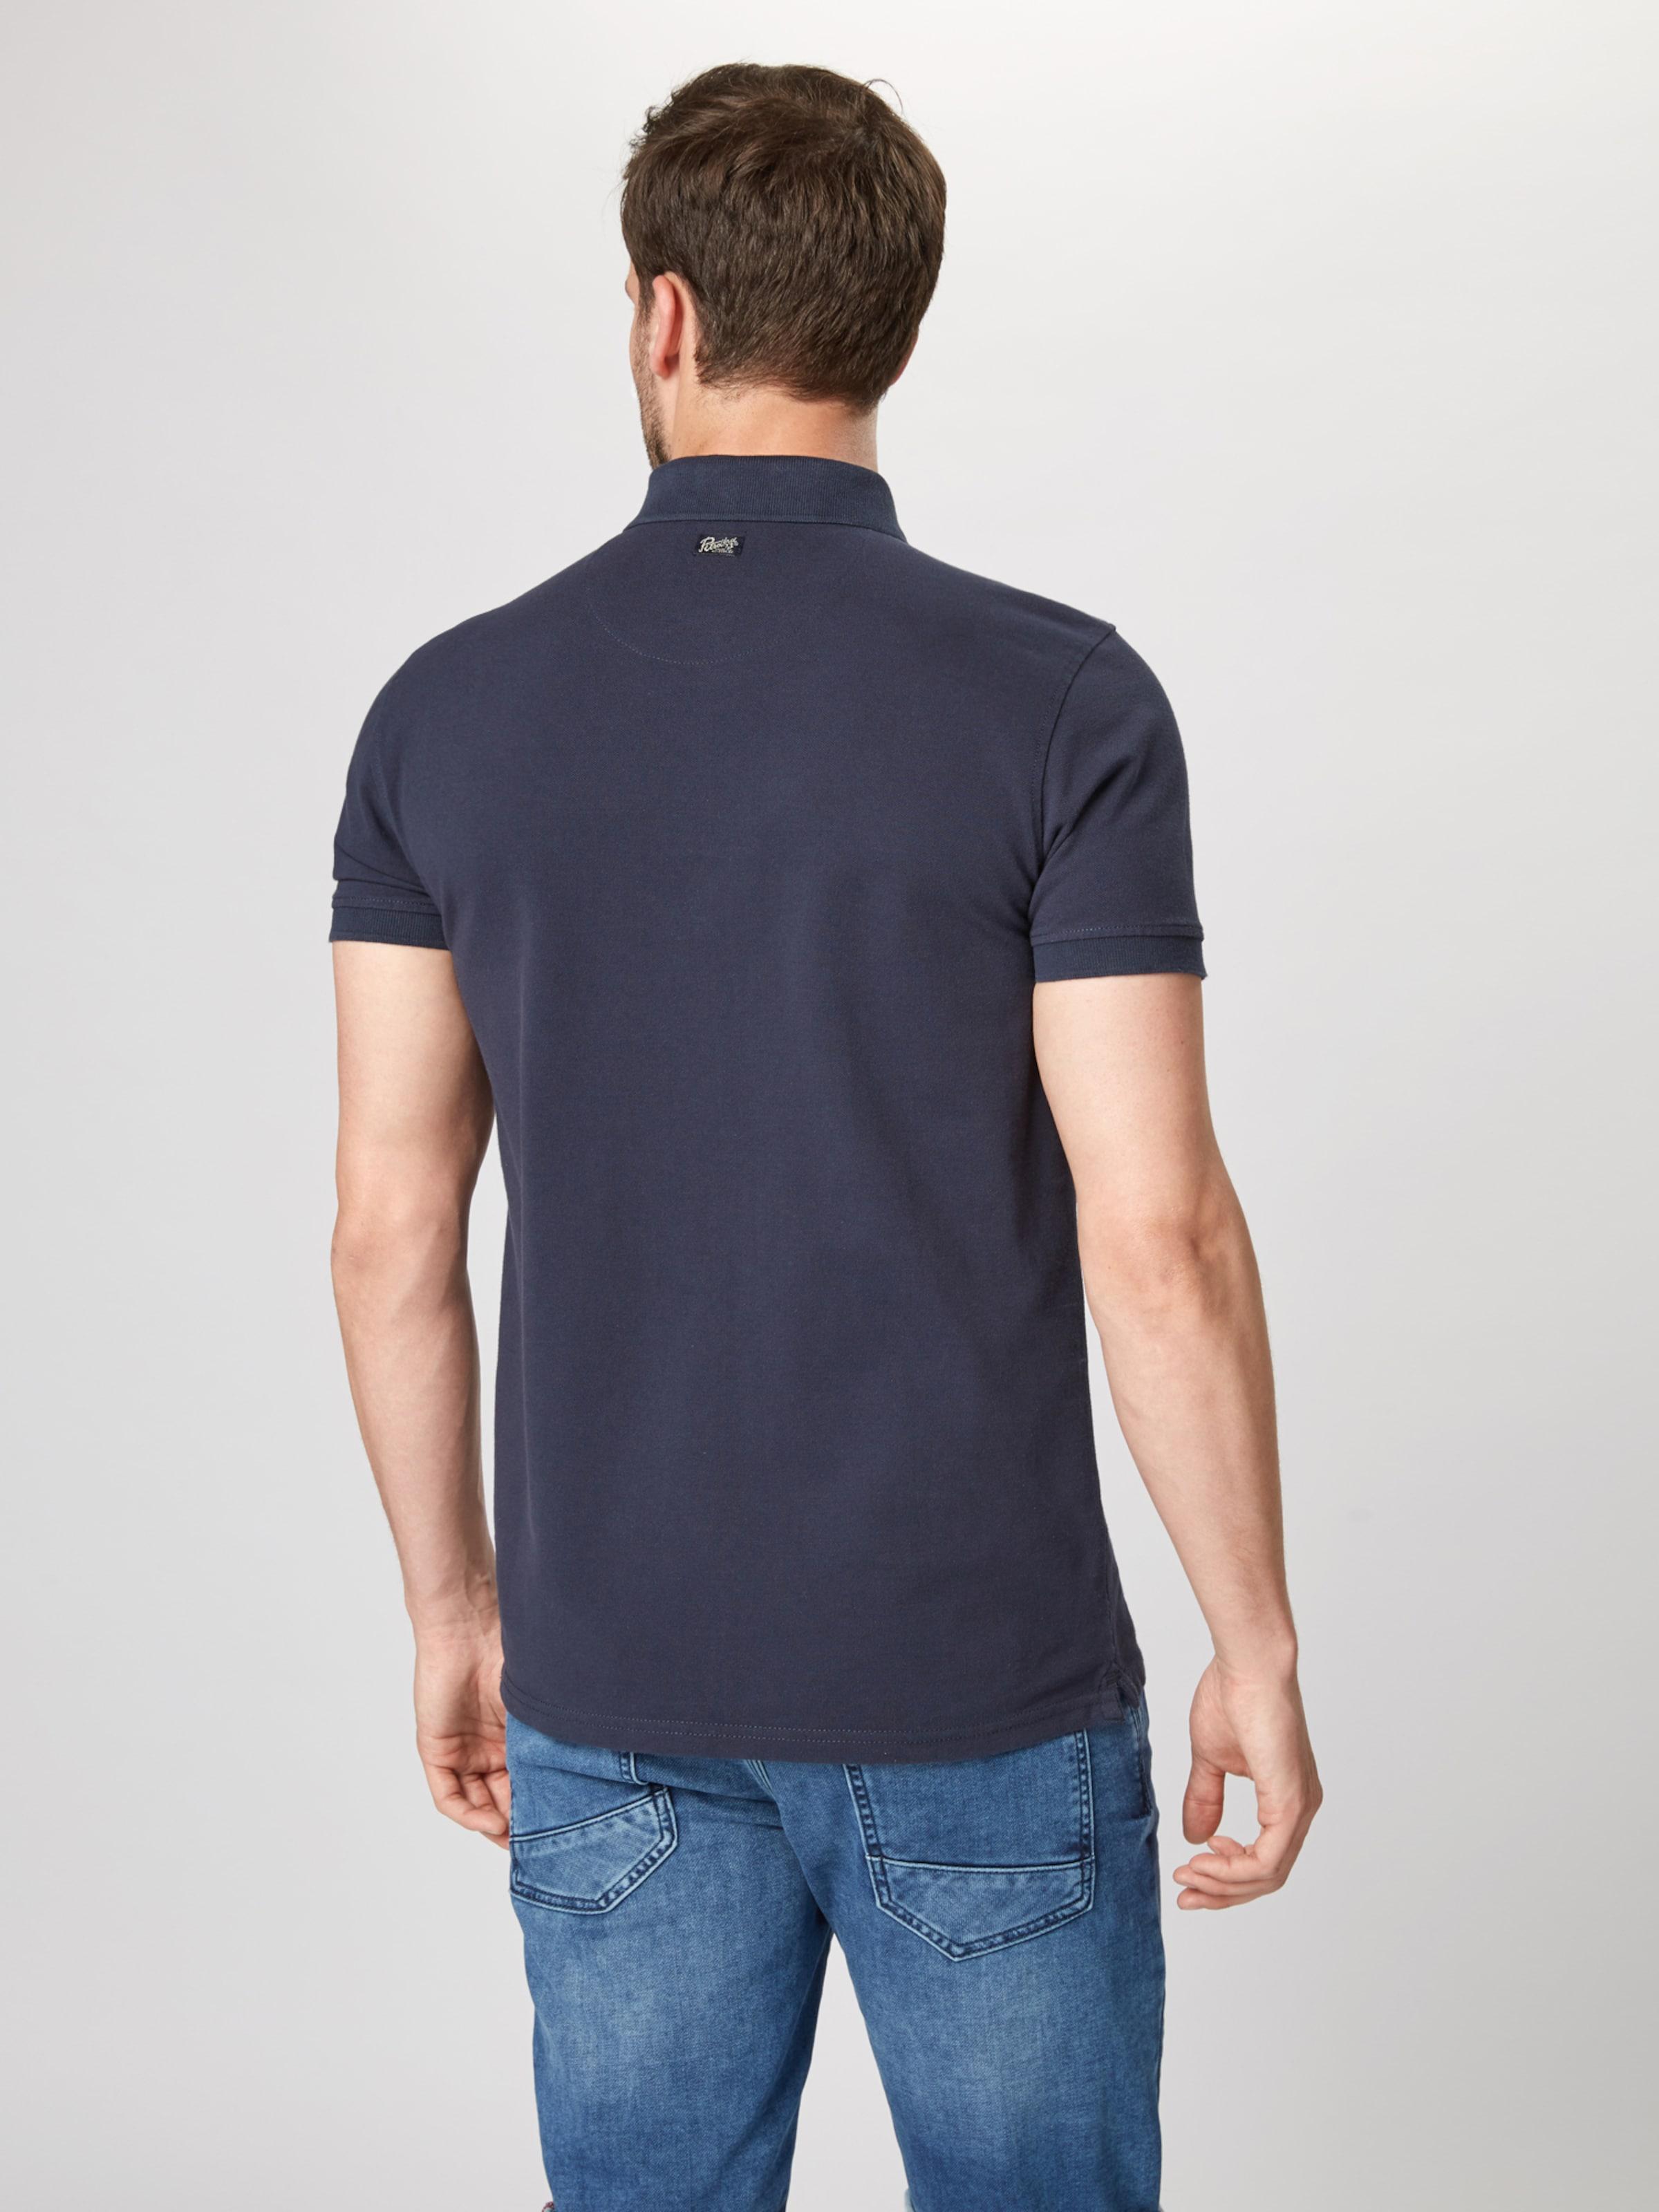 Industries Bleu T En shirt Foncé Petrol PvNn0yO8wm